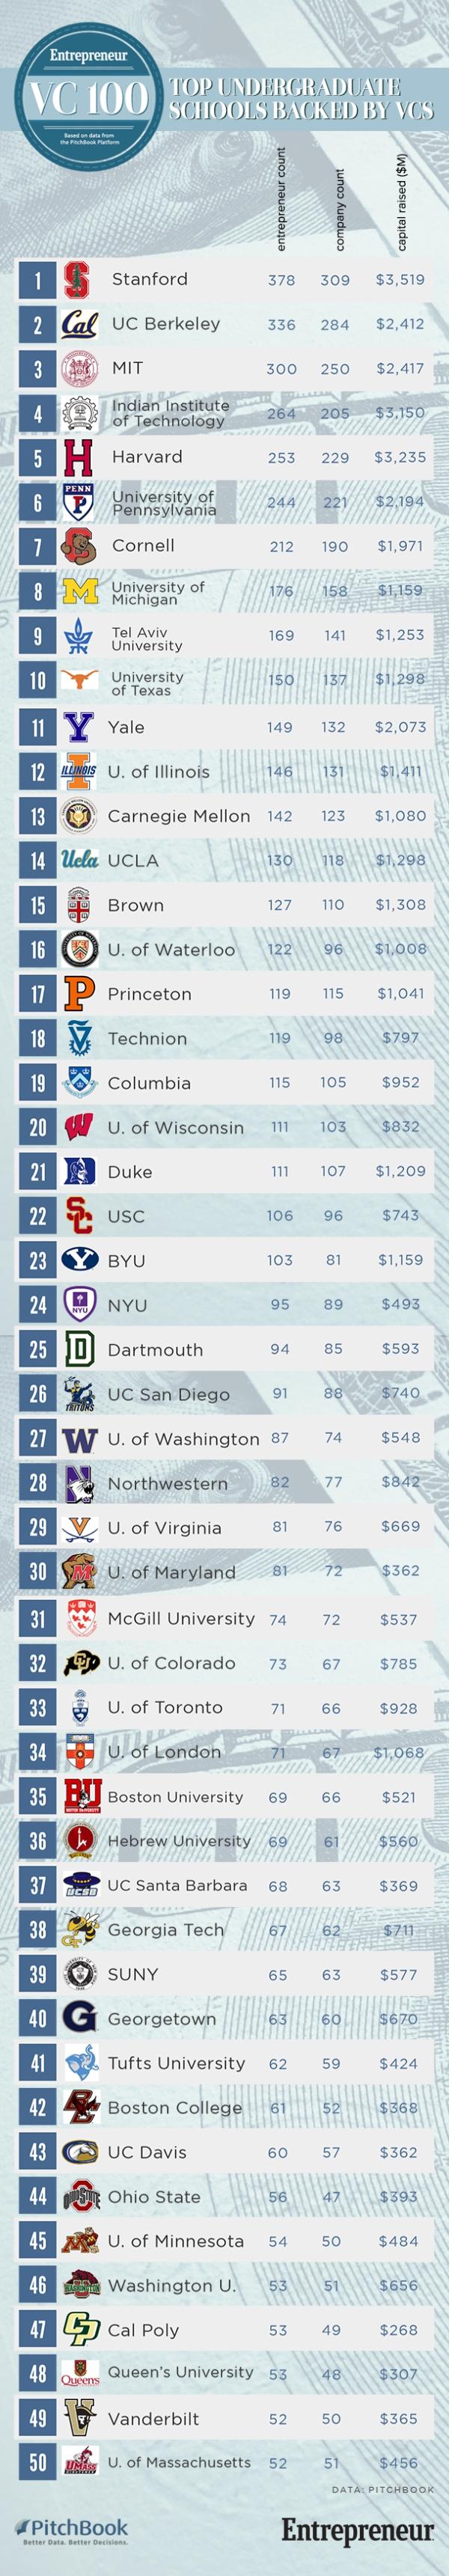 1409241561-vc100-top-undergrad-colleges